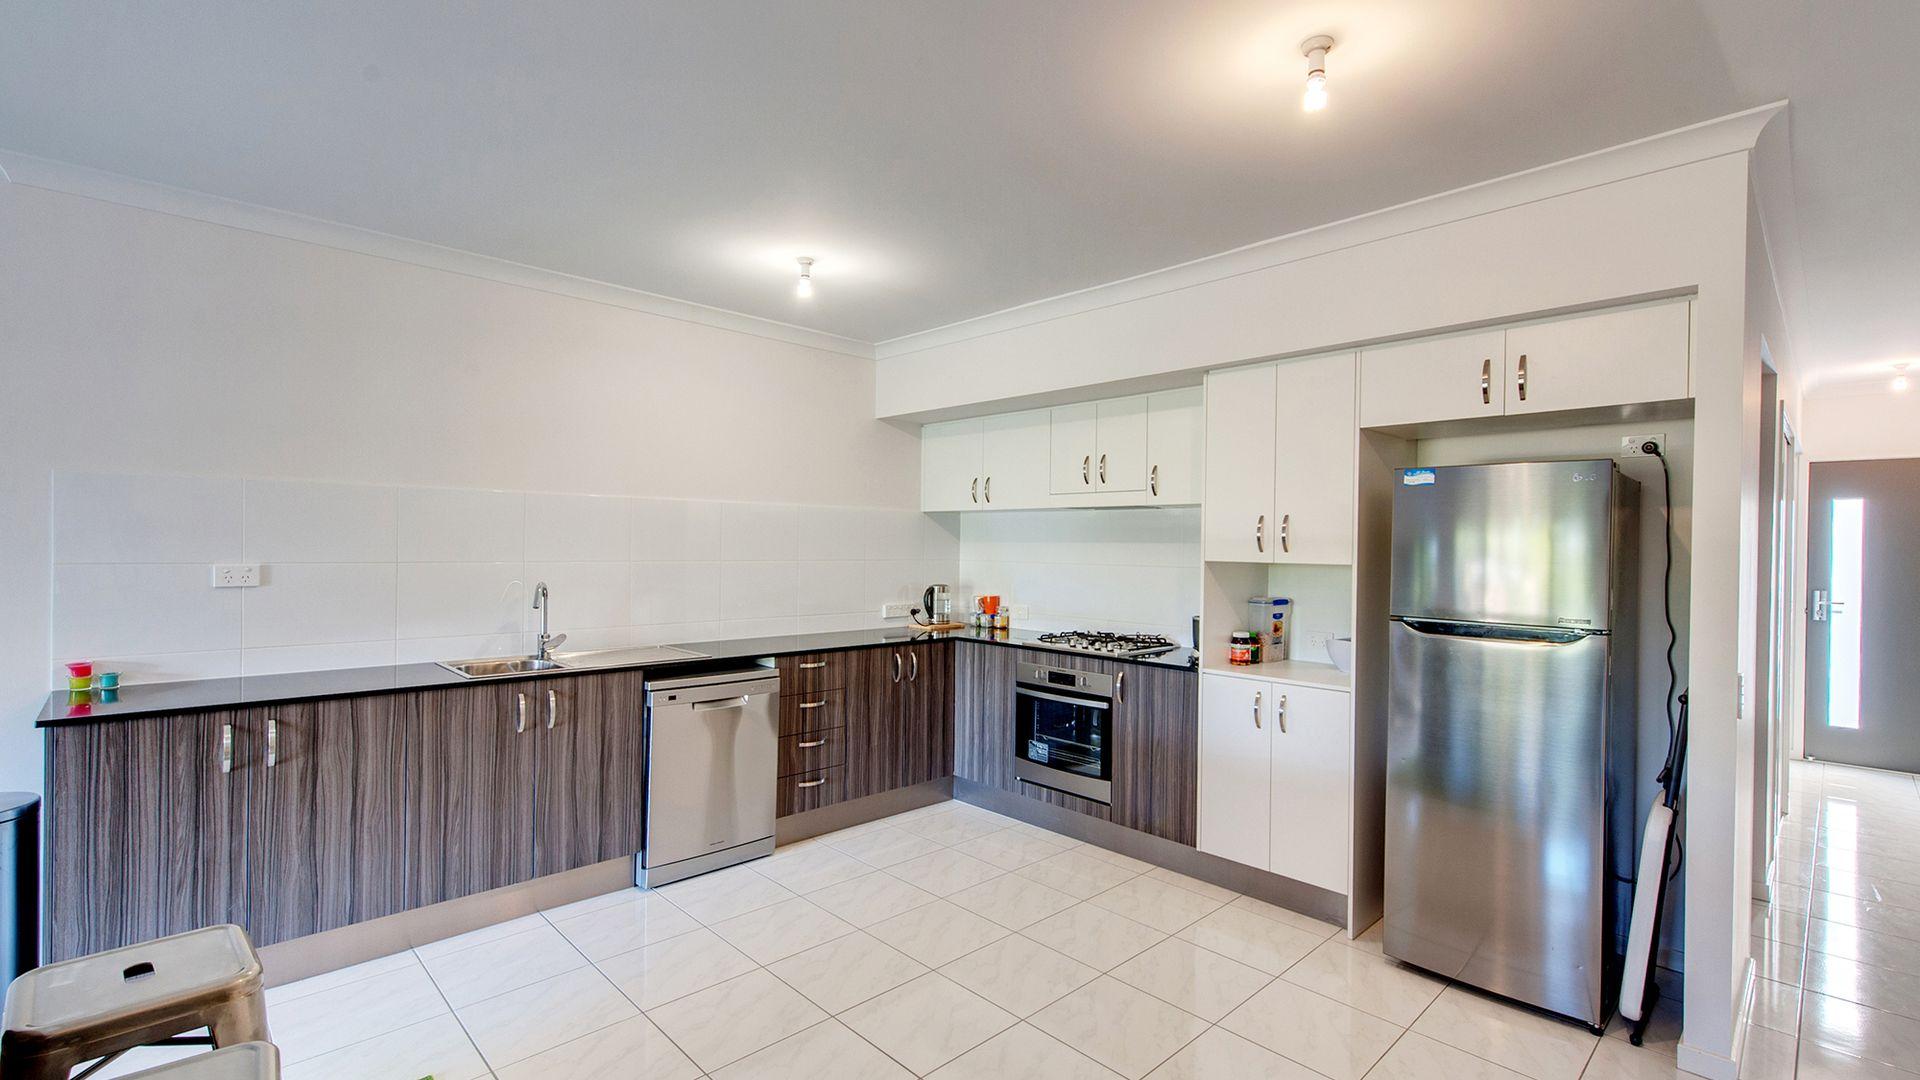 37 Acacia Lane, Ripley QLD 4306, Image 1